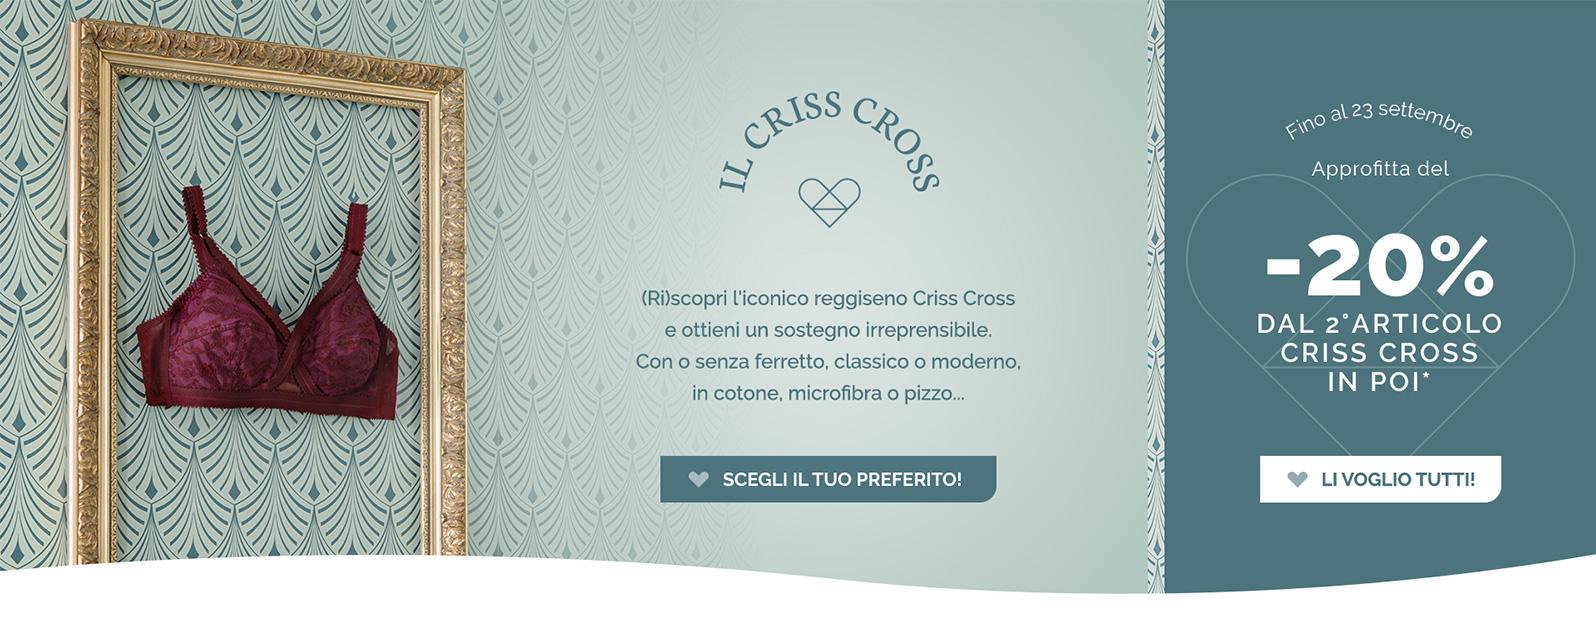 Il criss cross - (Ri)scopri l'iconico reggiseno criss cross e ottieni un sostegno irreprensibile.